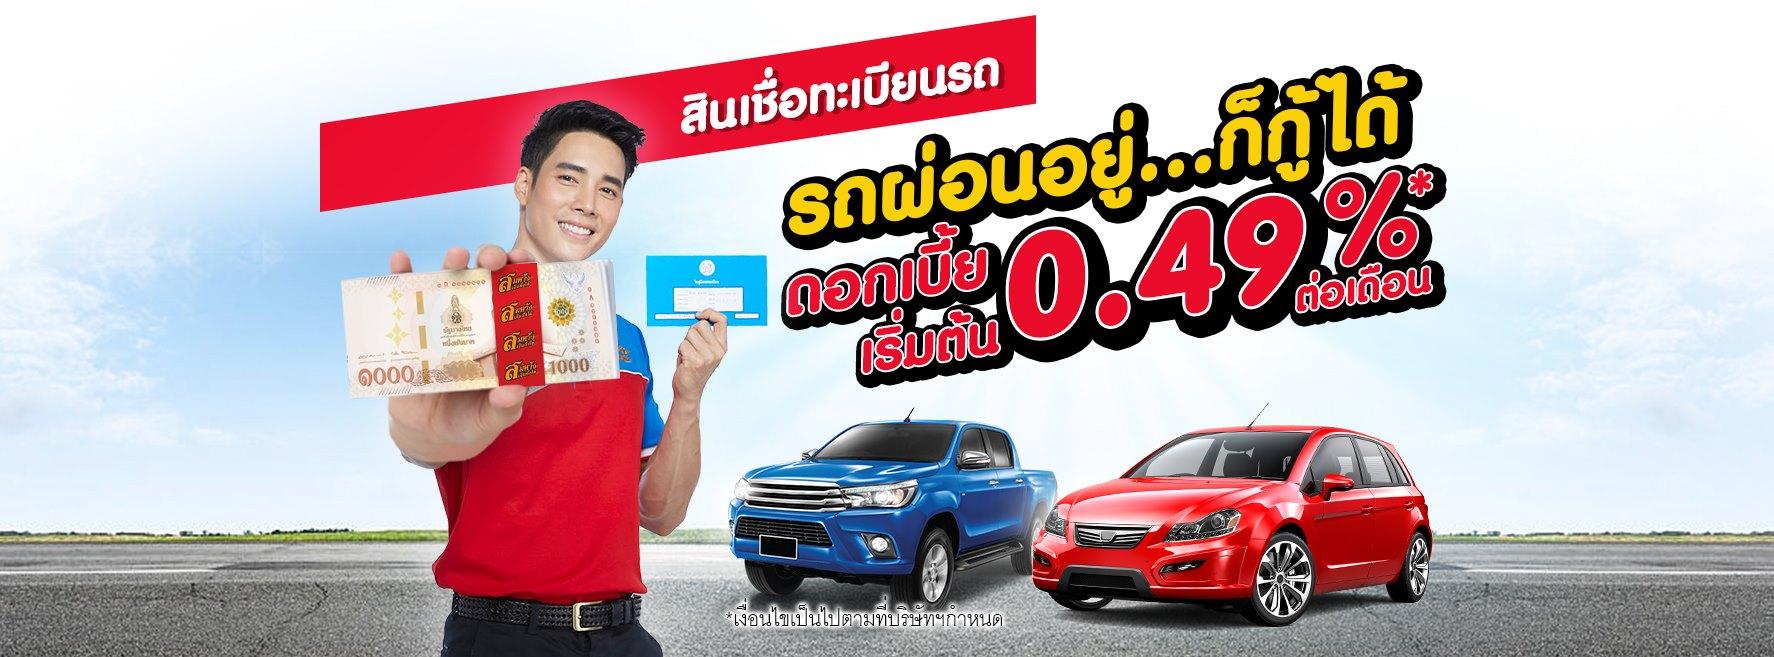 Somwang สมหวังเงินสั่งได้ จำนำทะเบียนรถ